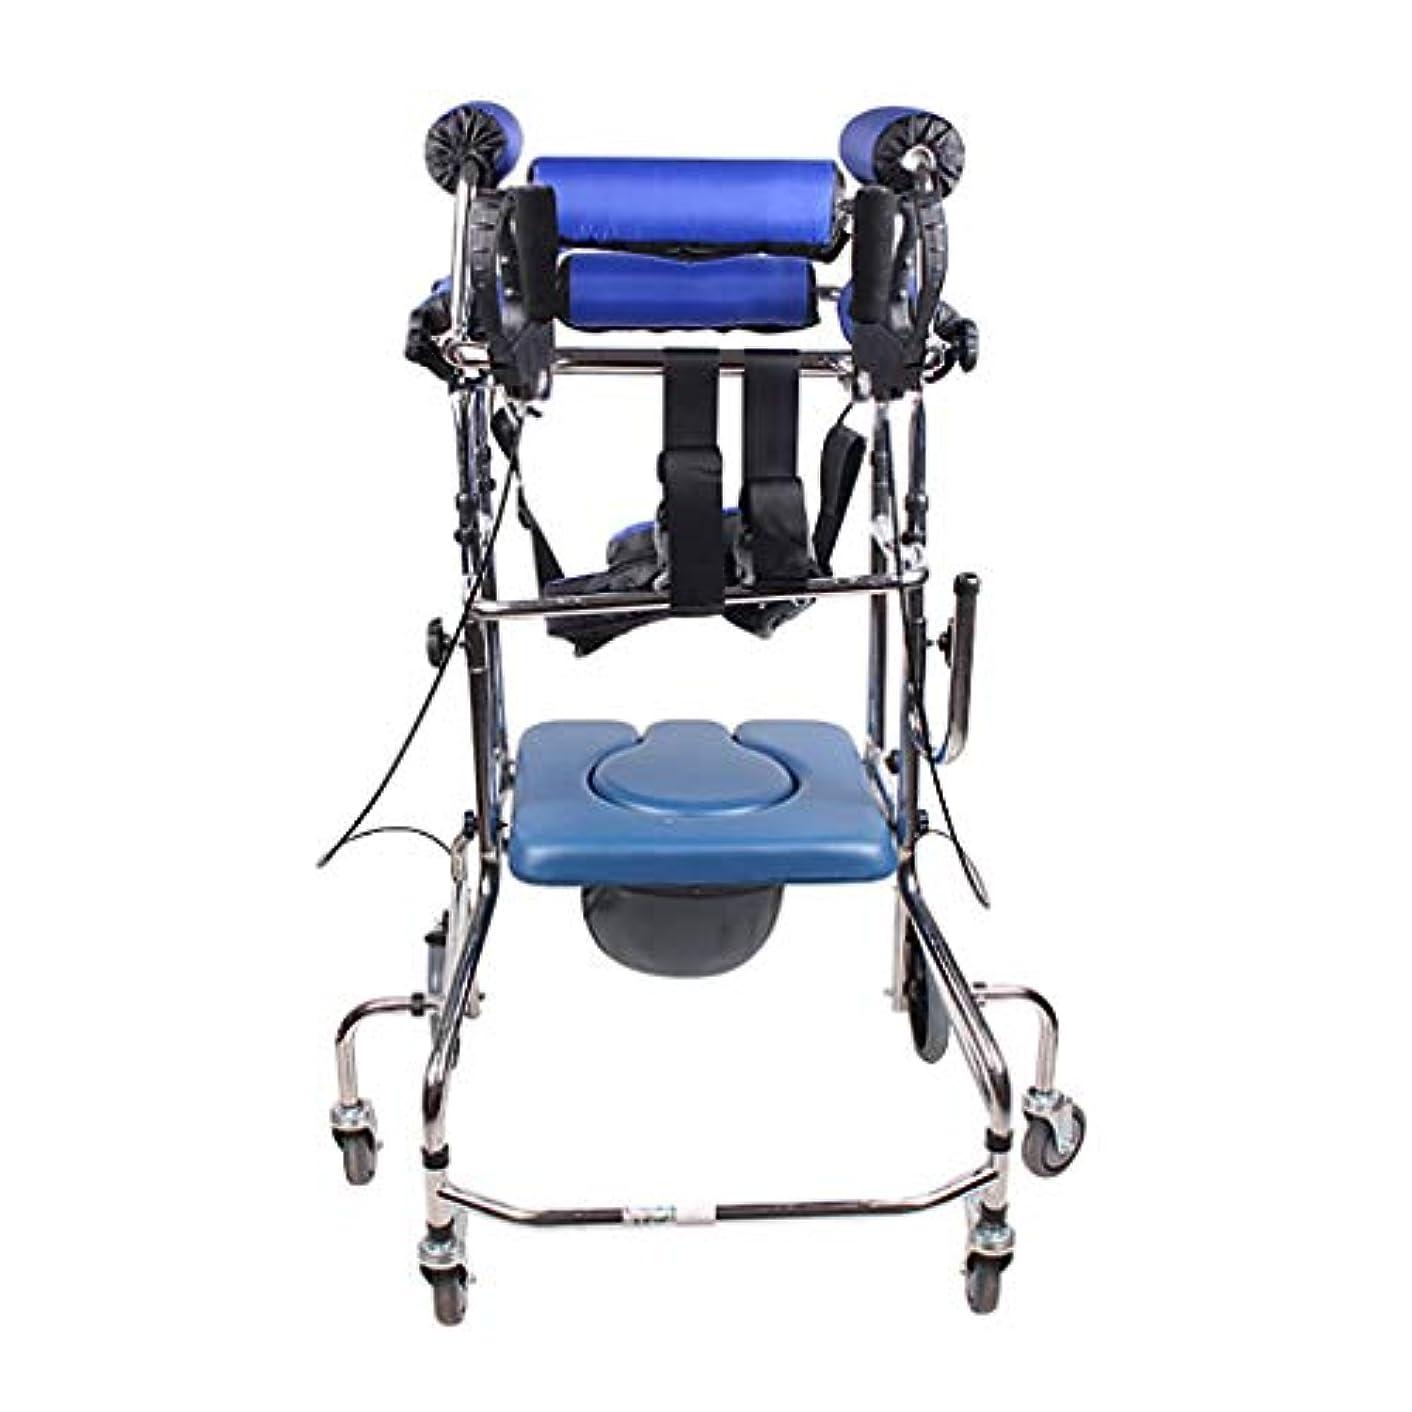 ガイダンス系譜参加するスタンディングウォーキングラック/ウォーカー/身体障害者用手すり車椅子立ちベッド青6ラウンドハンドブレーキプラスフットブレーキトイレに追加